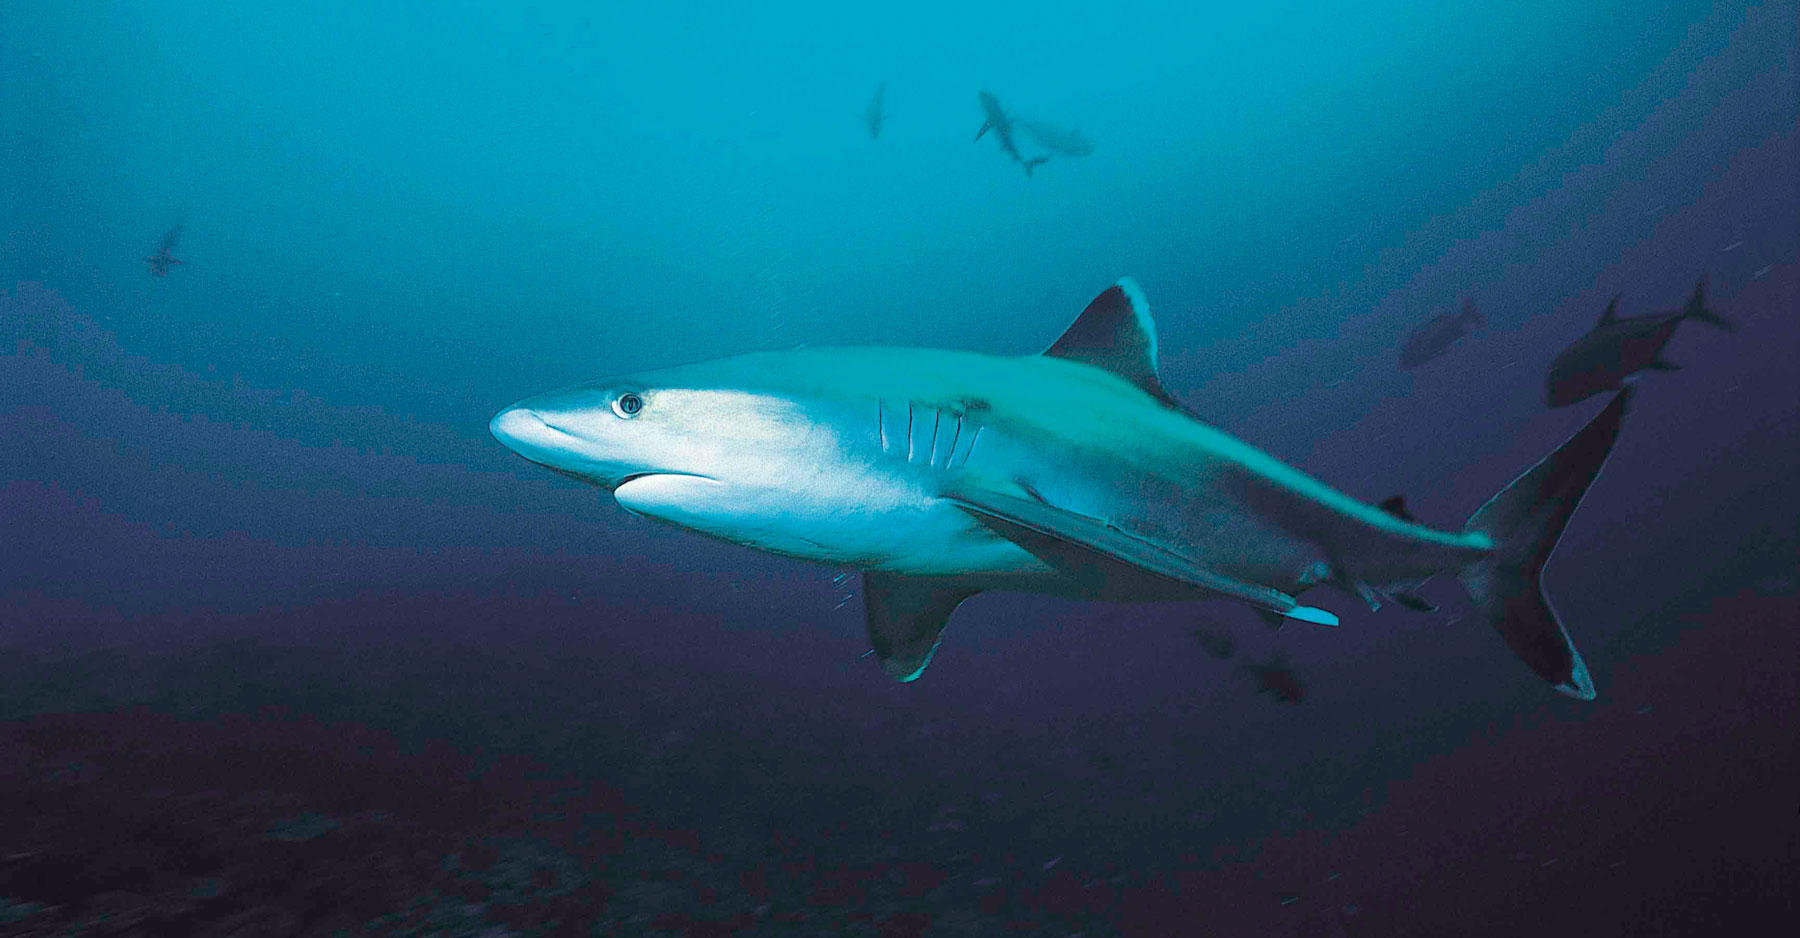 Silvertip shark swims